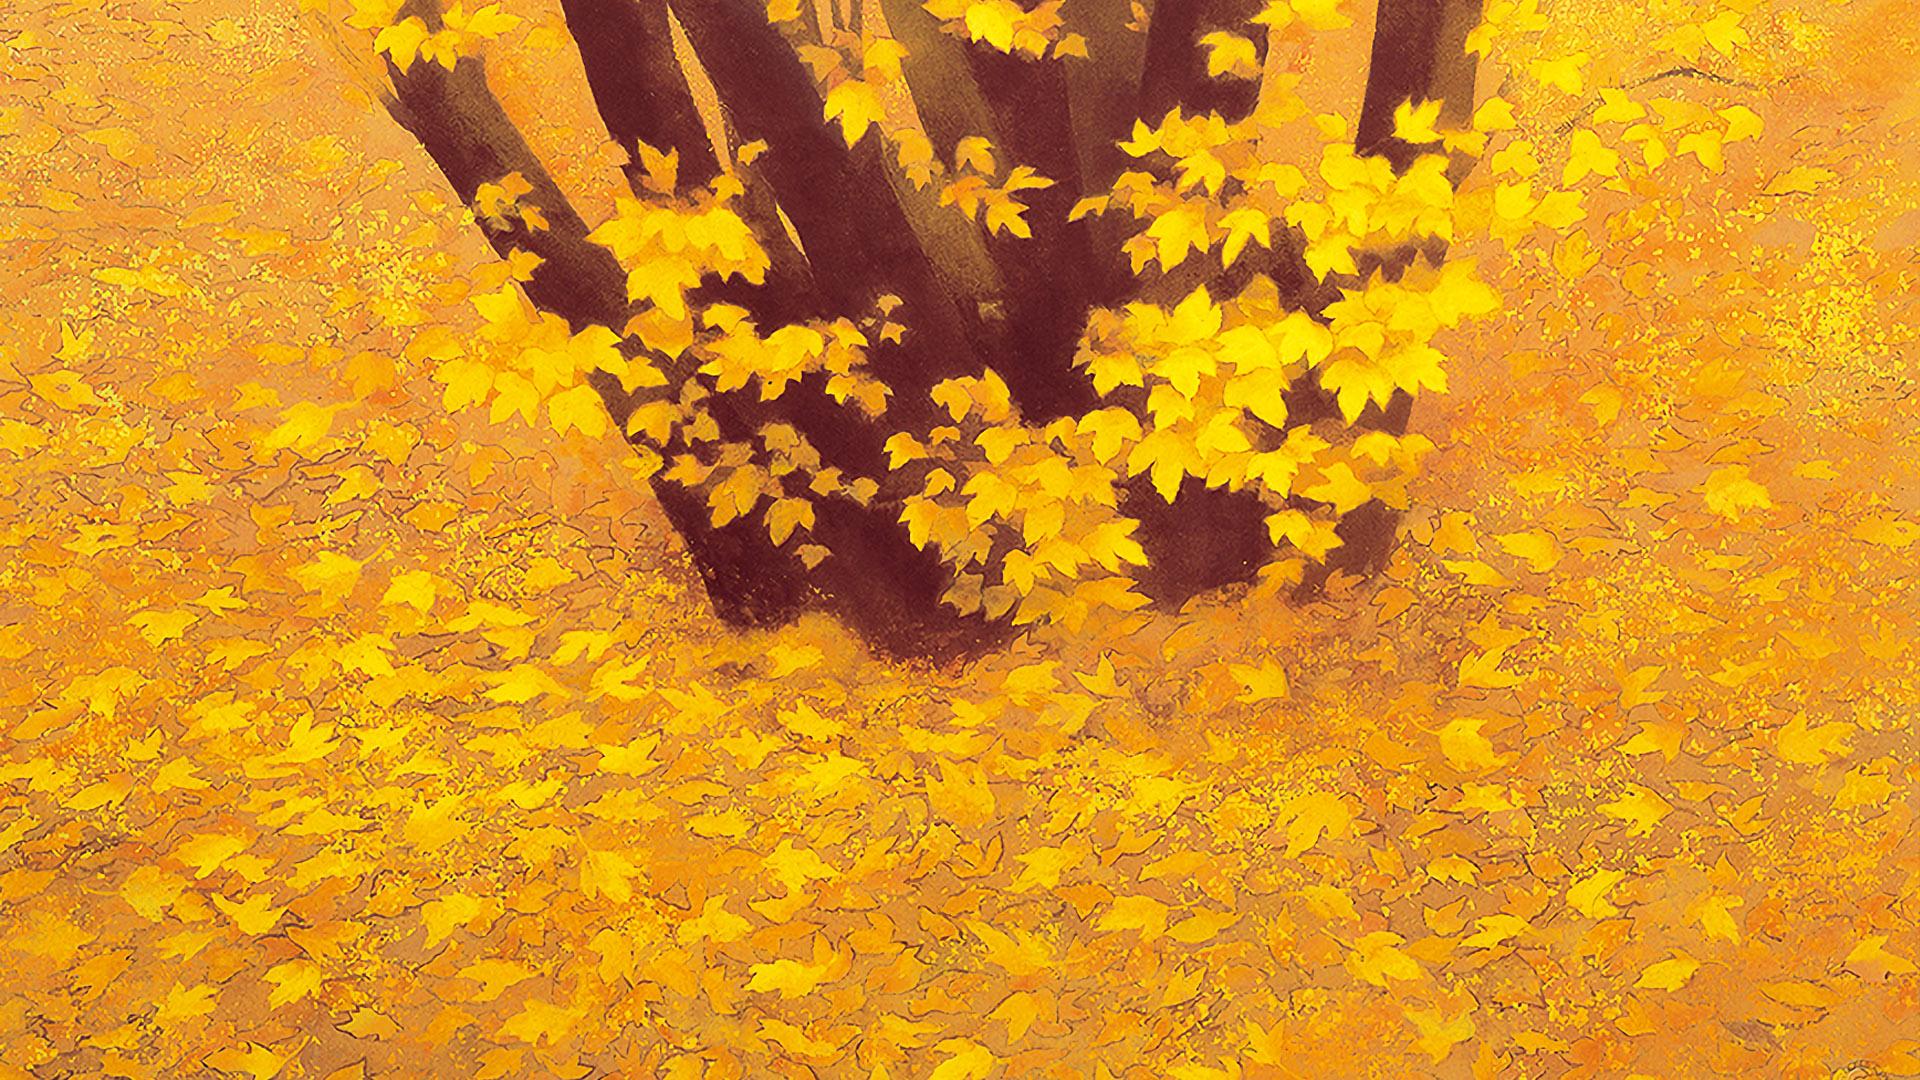 東山魁夷 行く秋 壁紙ギャラリー Kagirohi